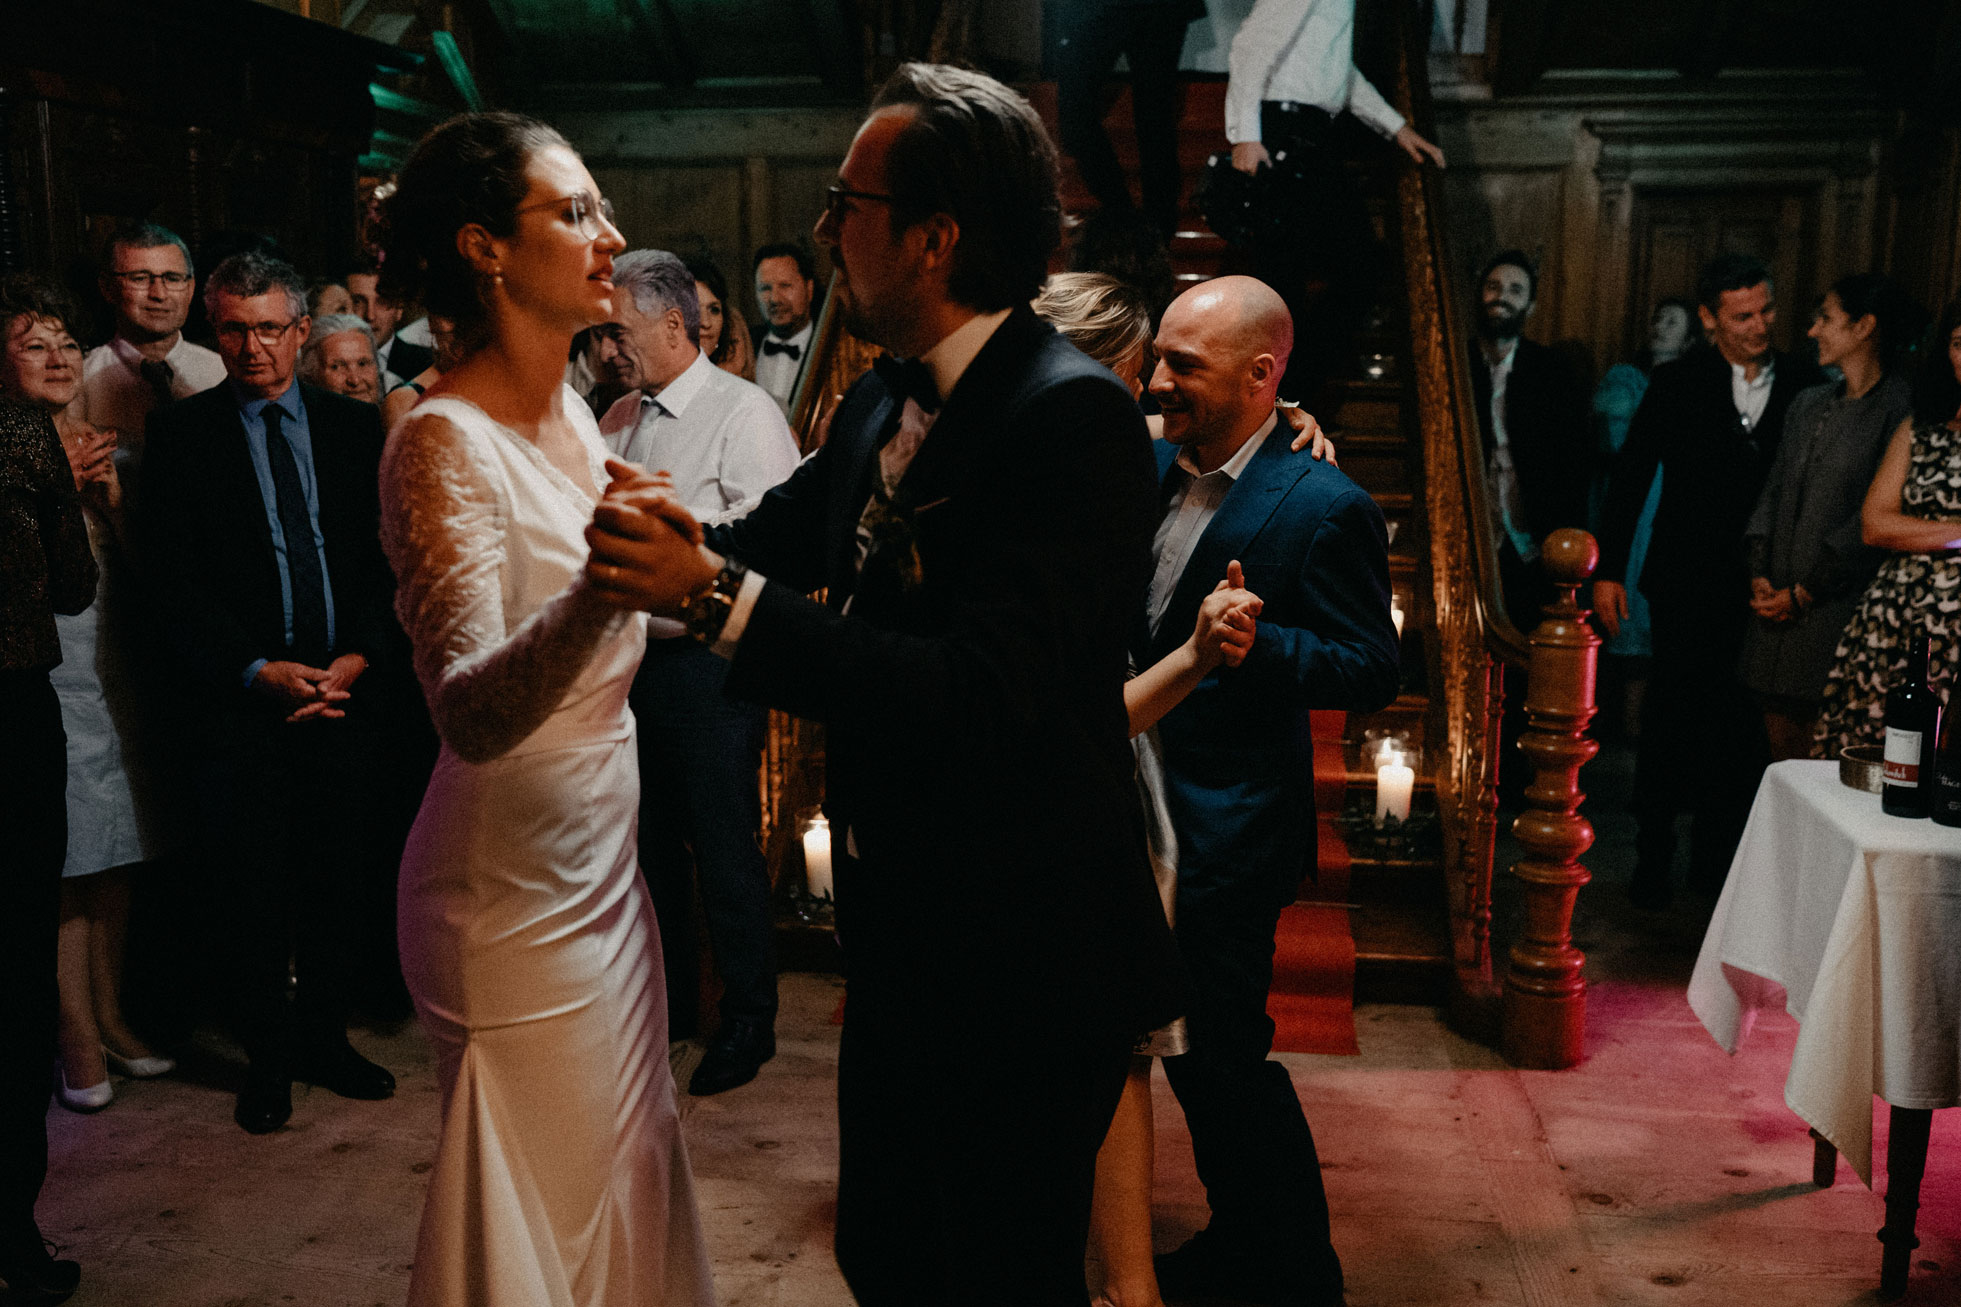 Hochzeit_Claire_Manuel_Villa_Maund_Daniel_Jenny-578.jpg